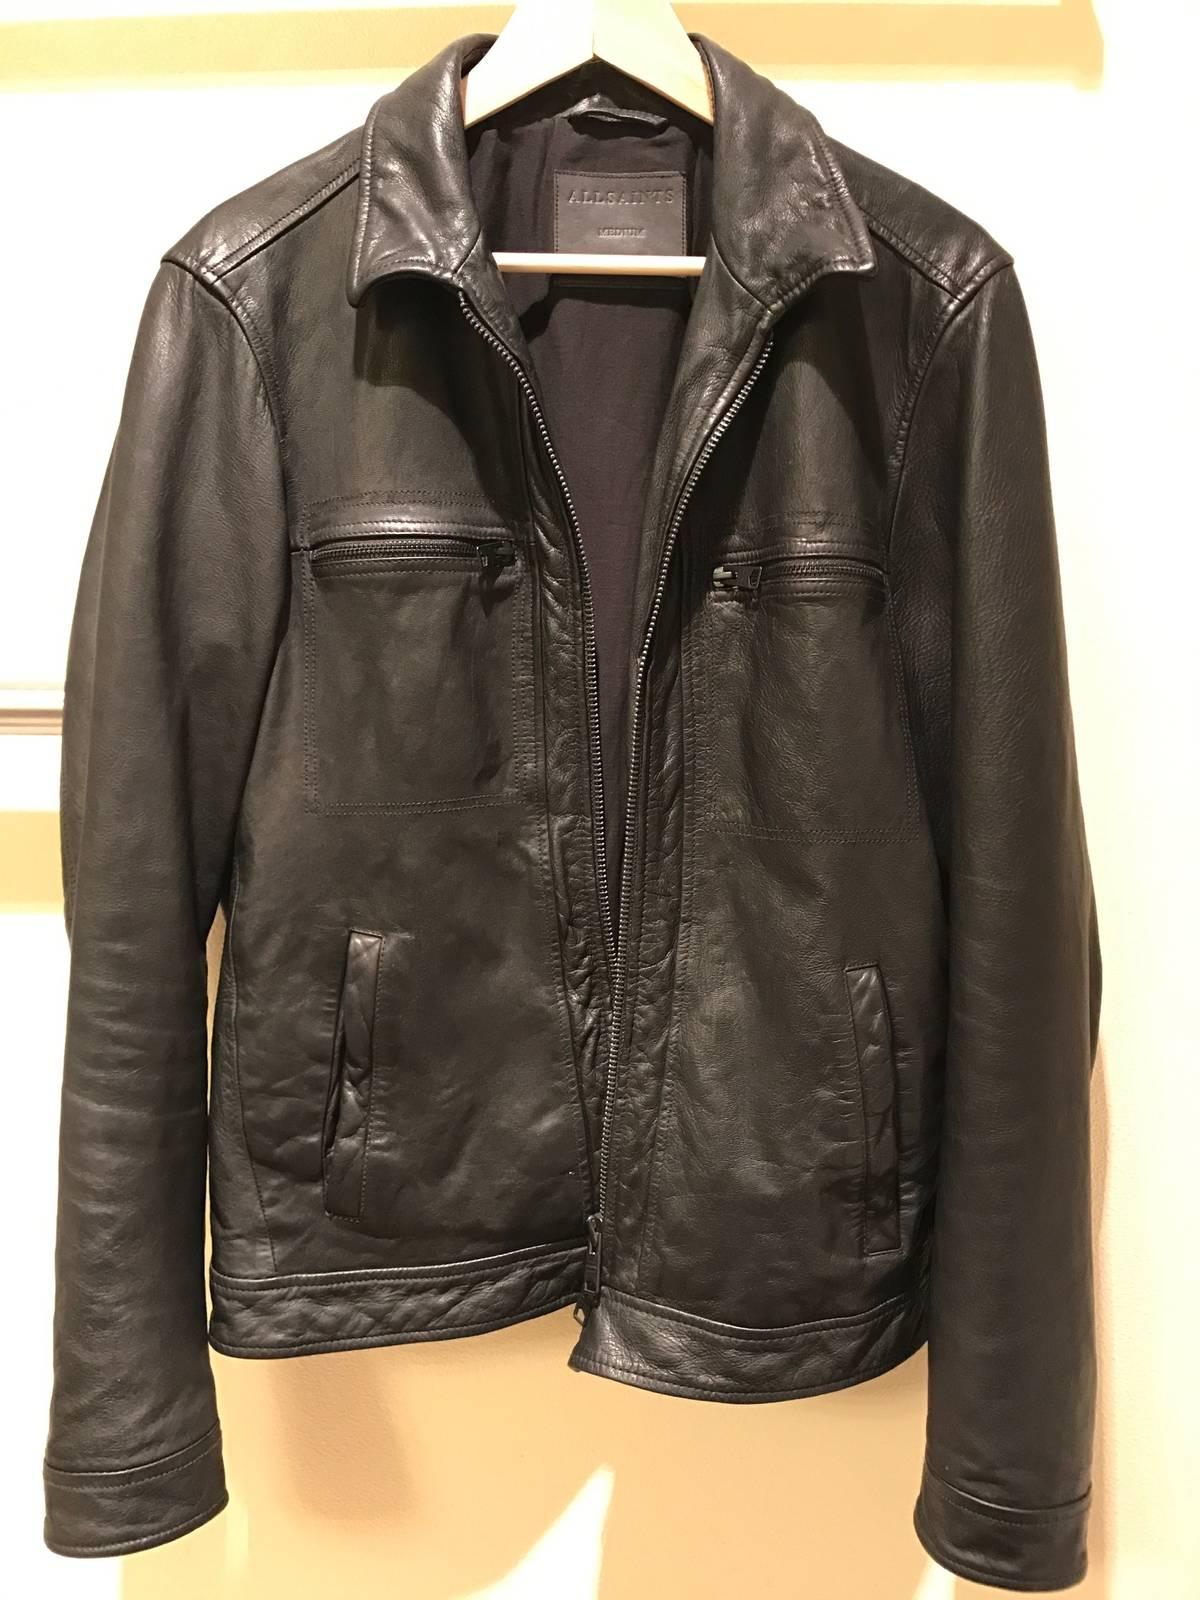 cca778068 Allsaints Lark Leather Jacket (Black) Size M $200